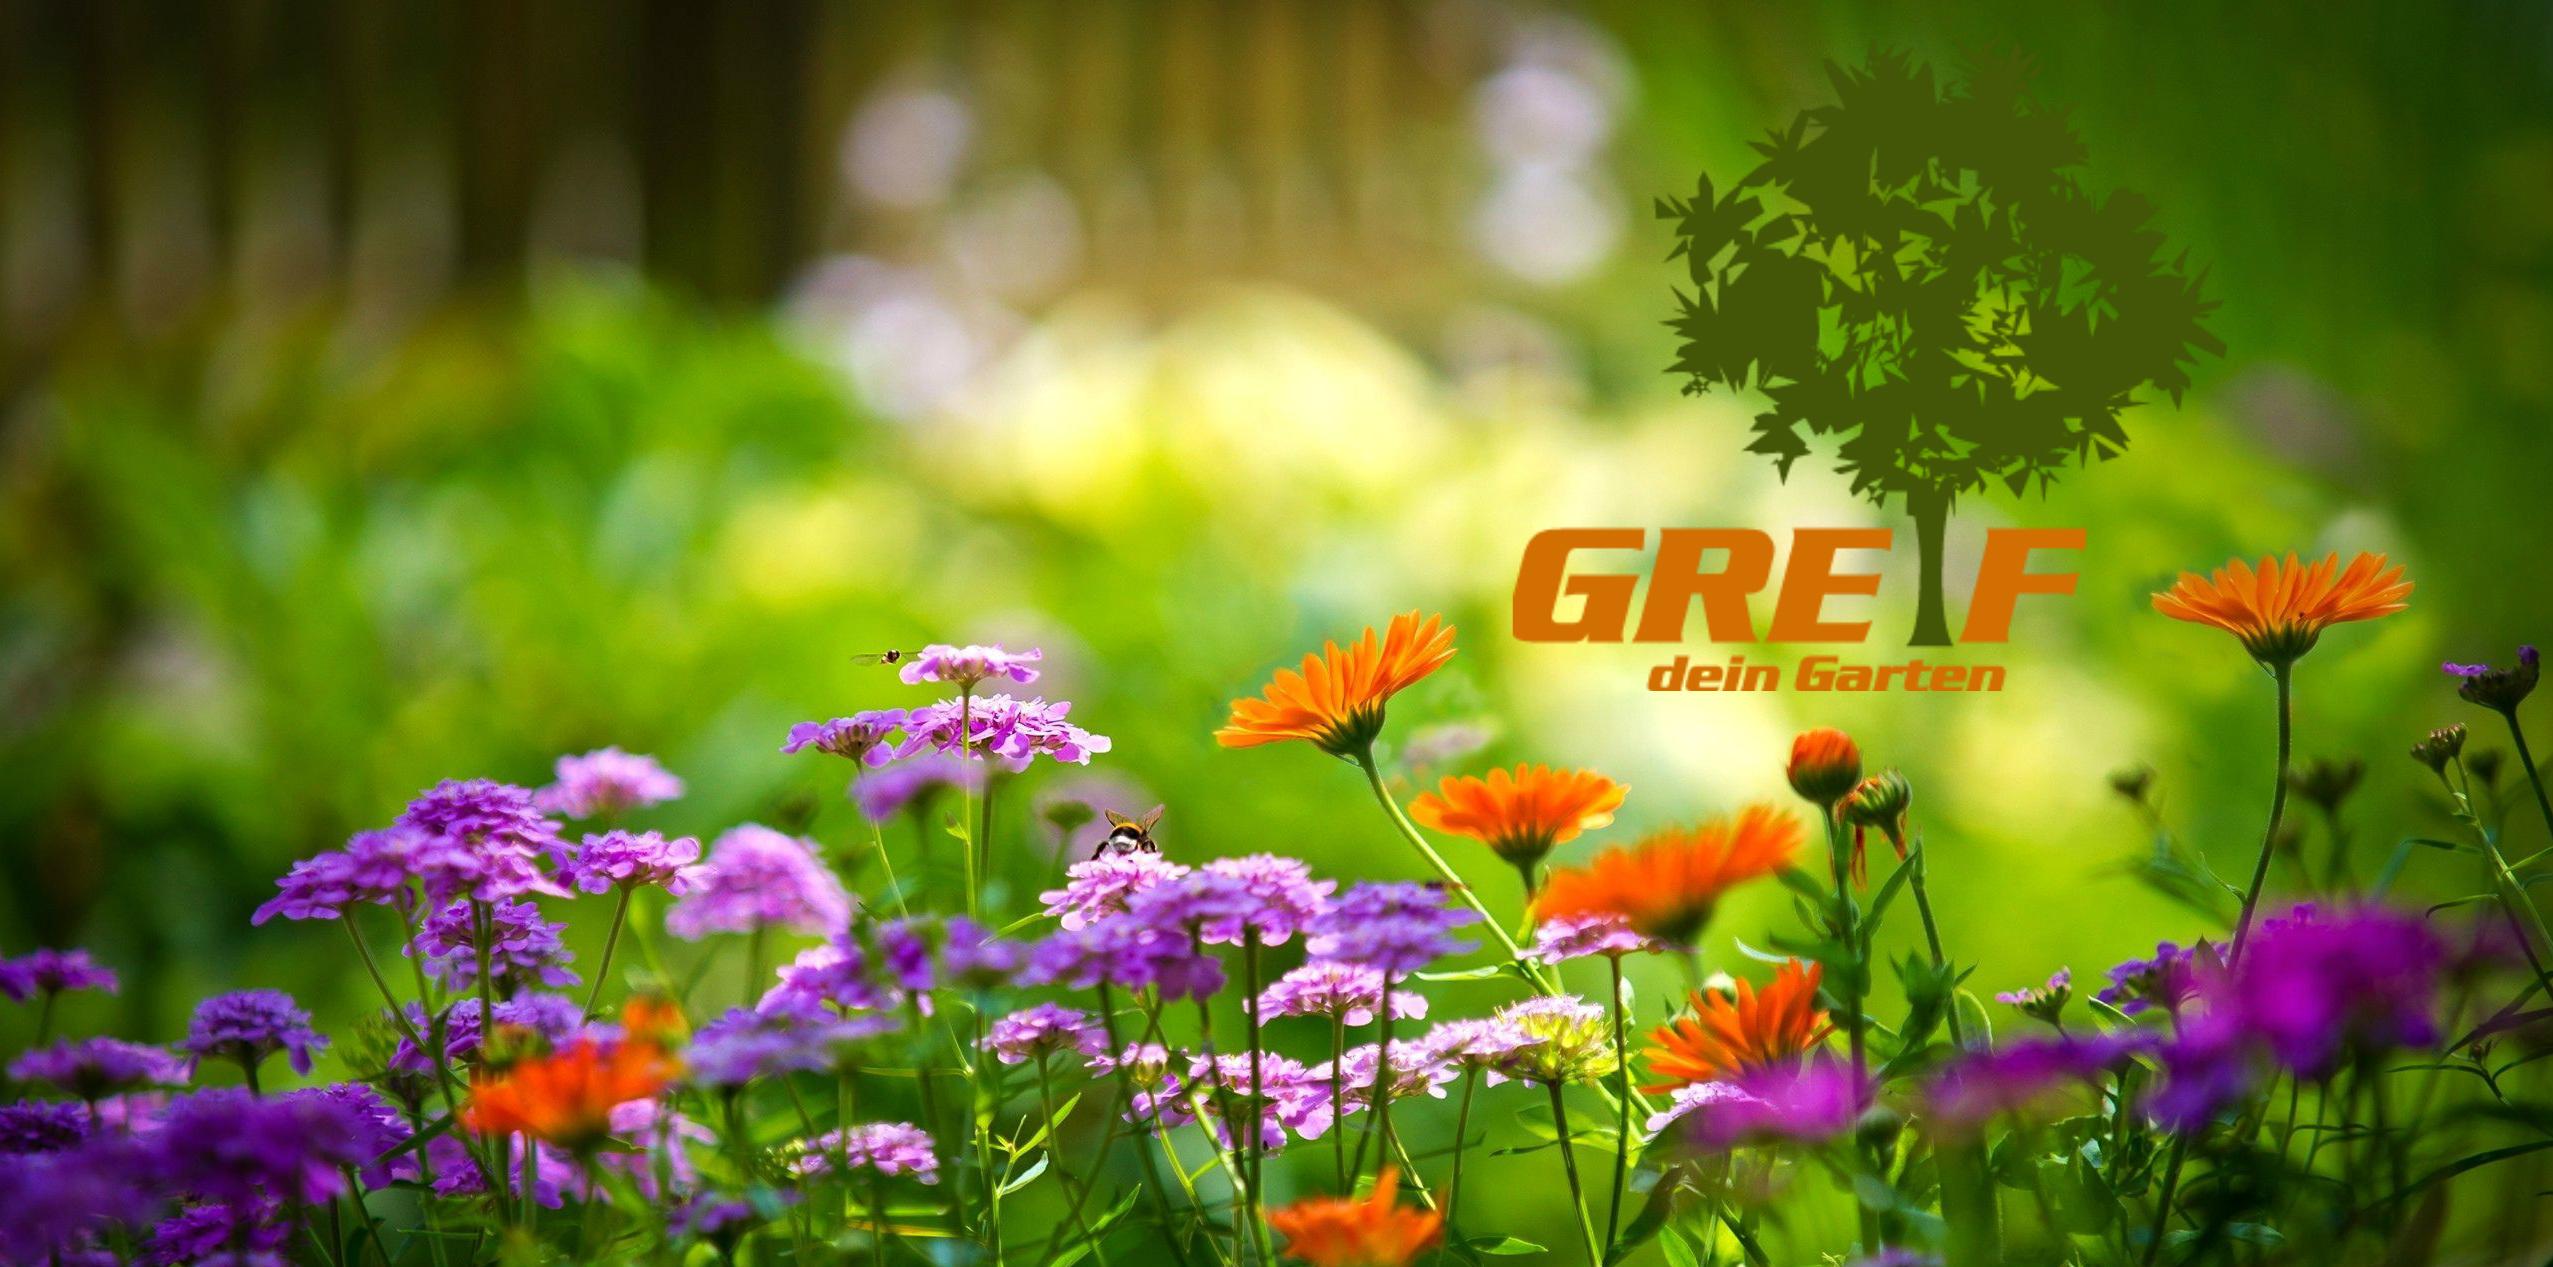 Ihr Gärtner Team Für Gartengestaltung Gartenbau In Konstanz